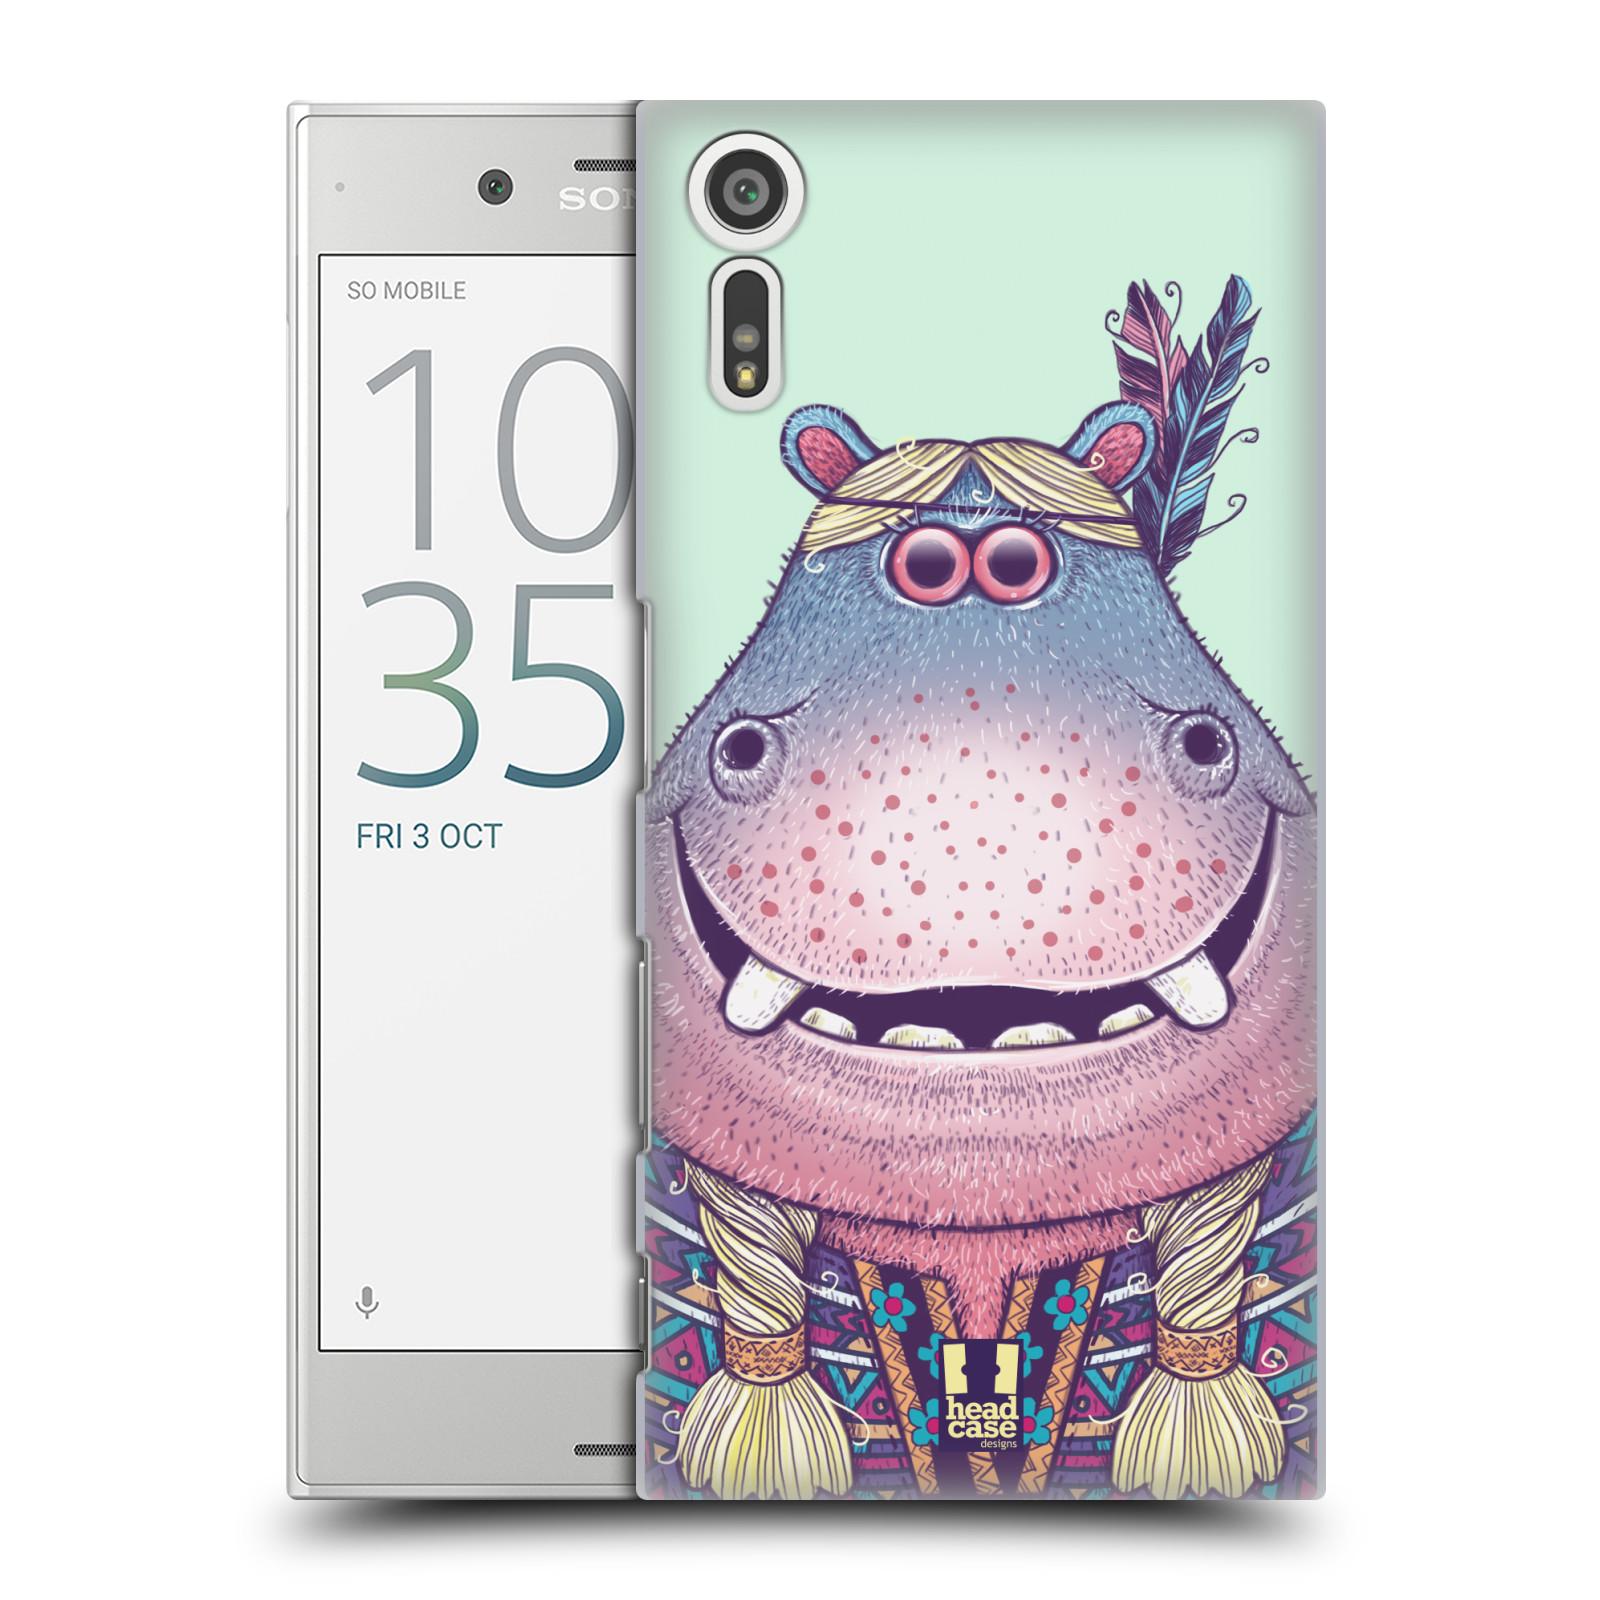 HEAD CASE plastový obal na mobil Sony Xperia XZ vzor Kreslená zvířátka hroch